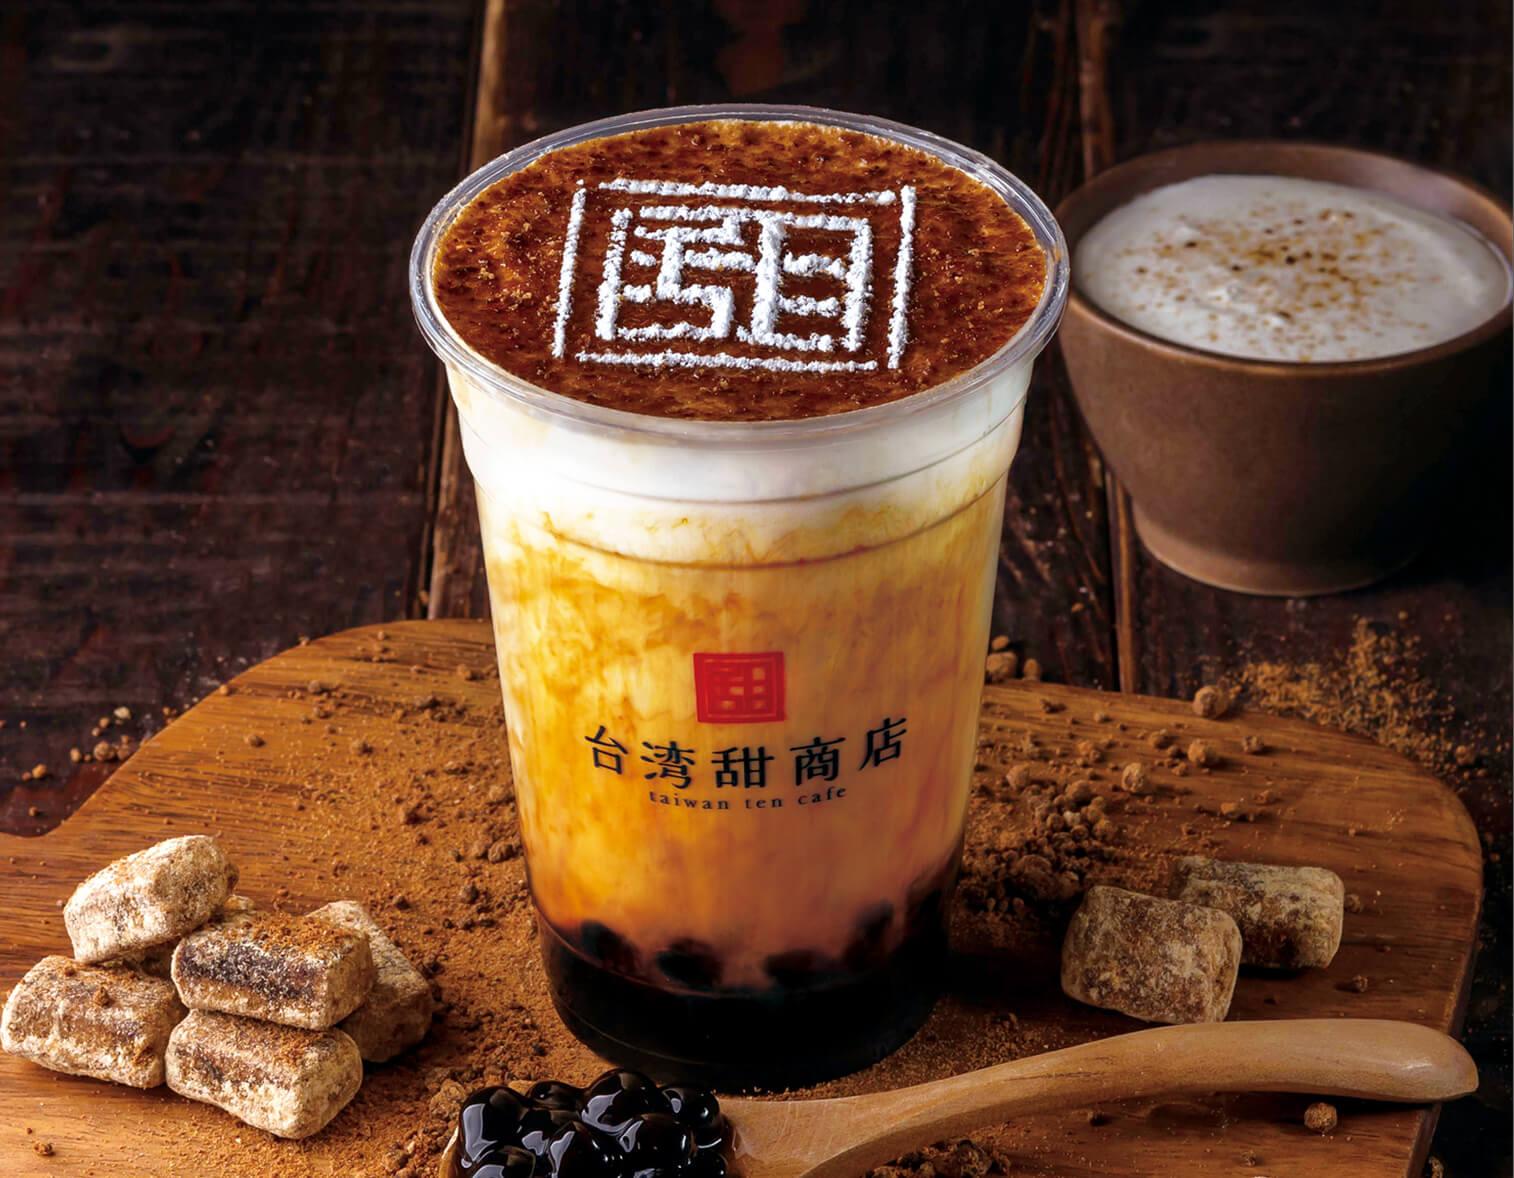 台湾甜商店 甜黒糖クリームミルク